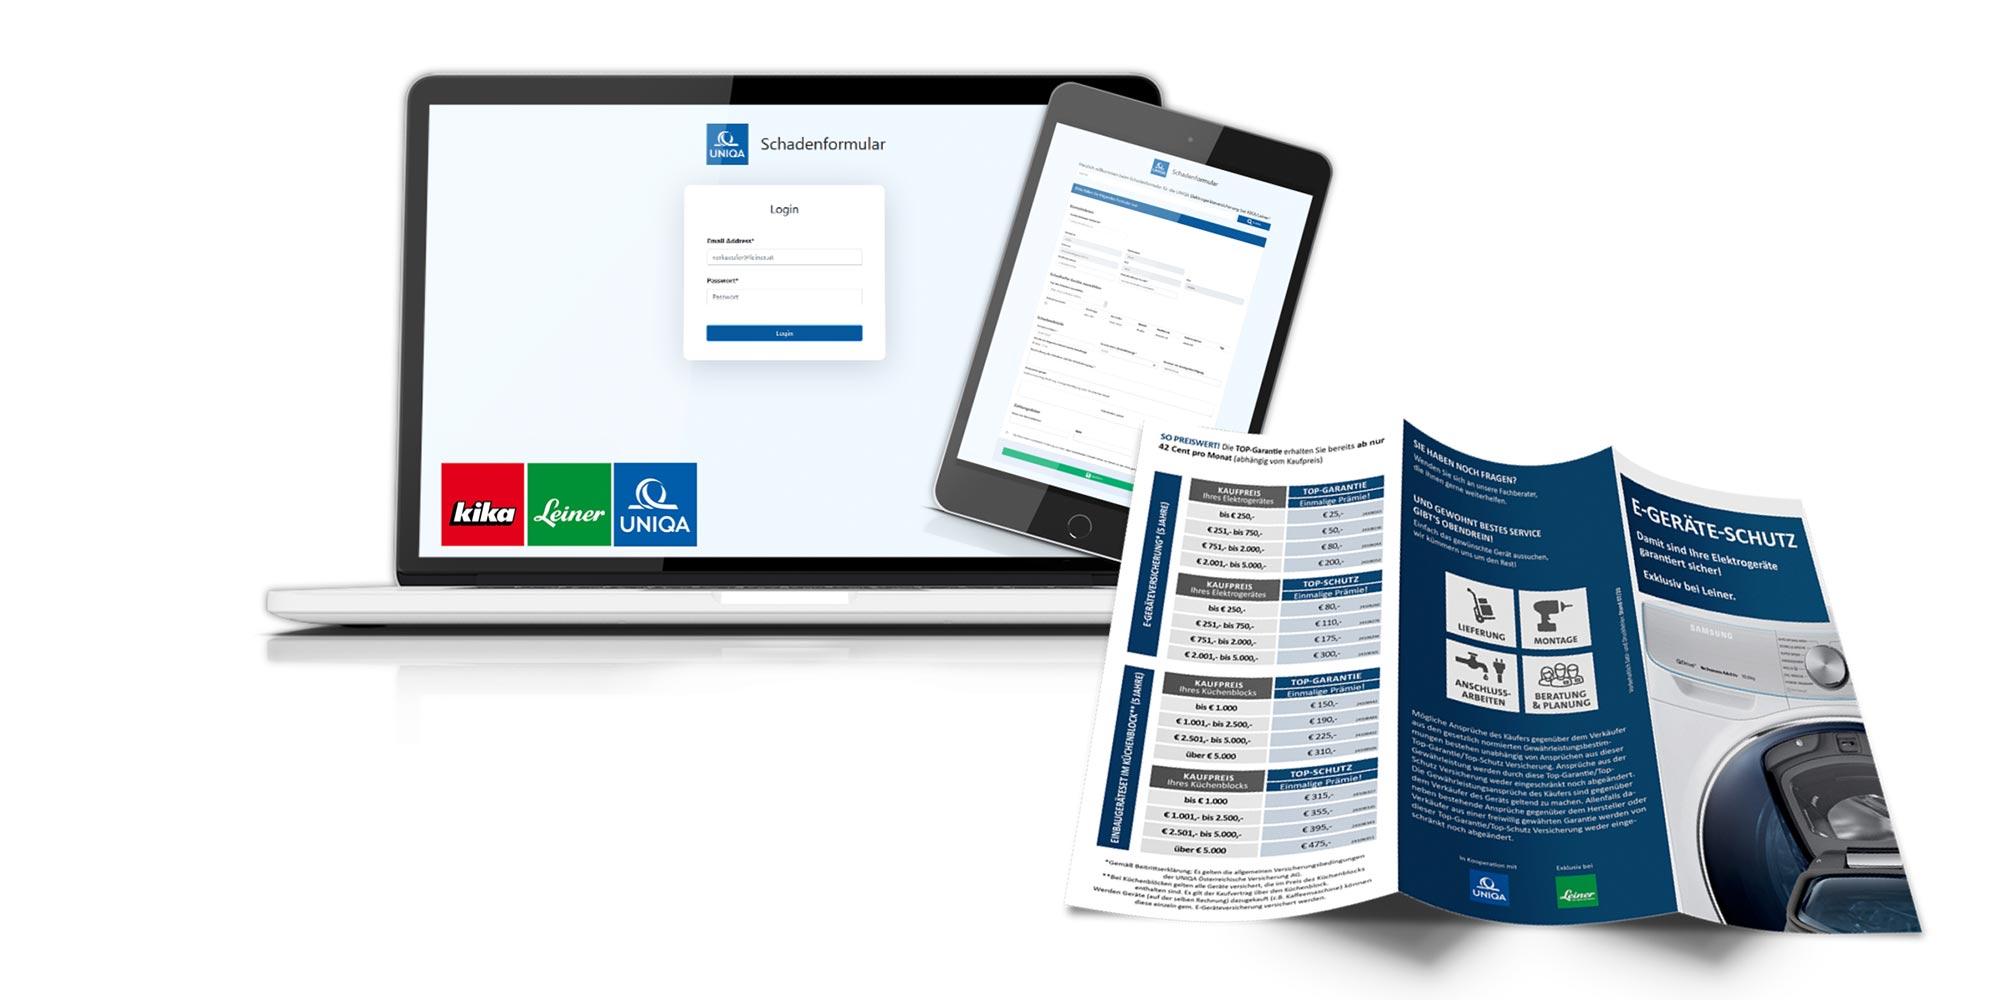 UNIQA - bsurance -kika/Leiner E-Geräteschutz